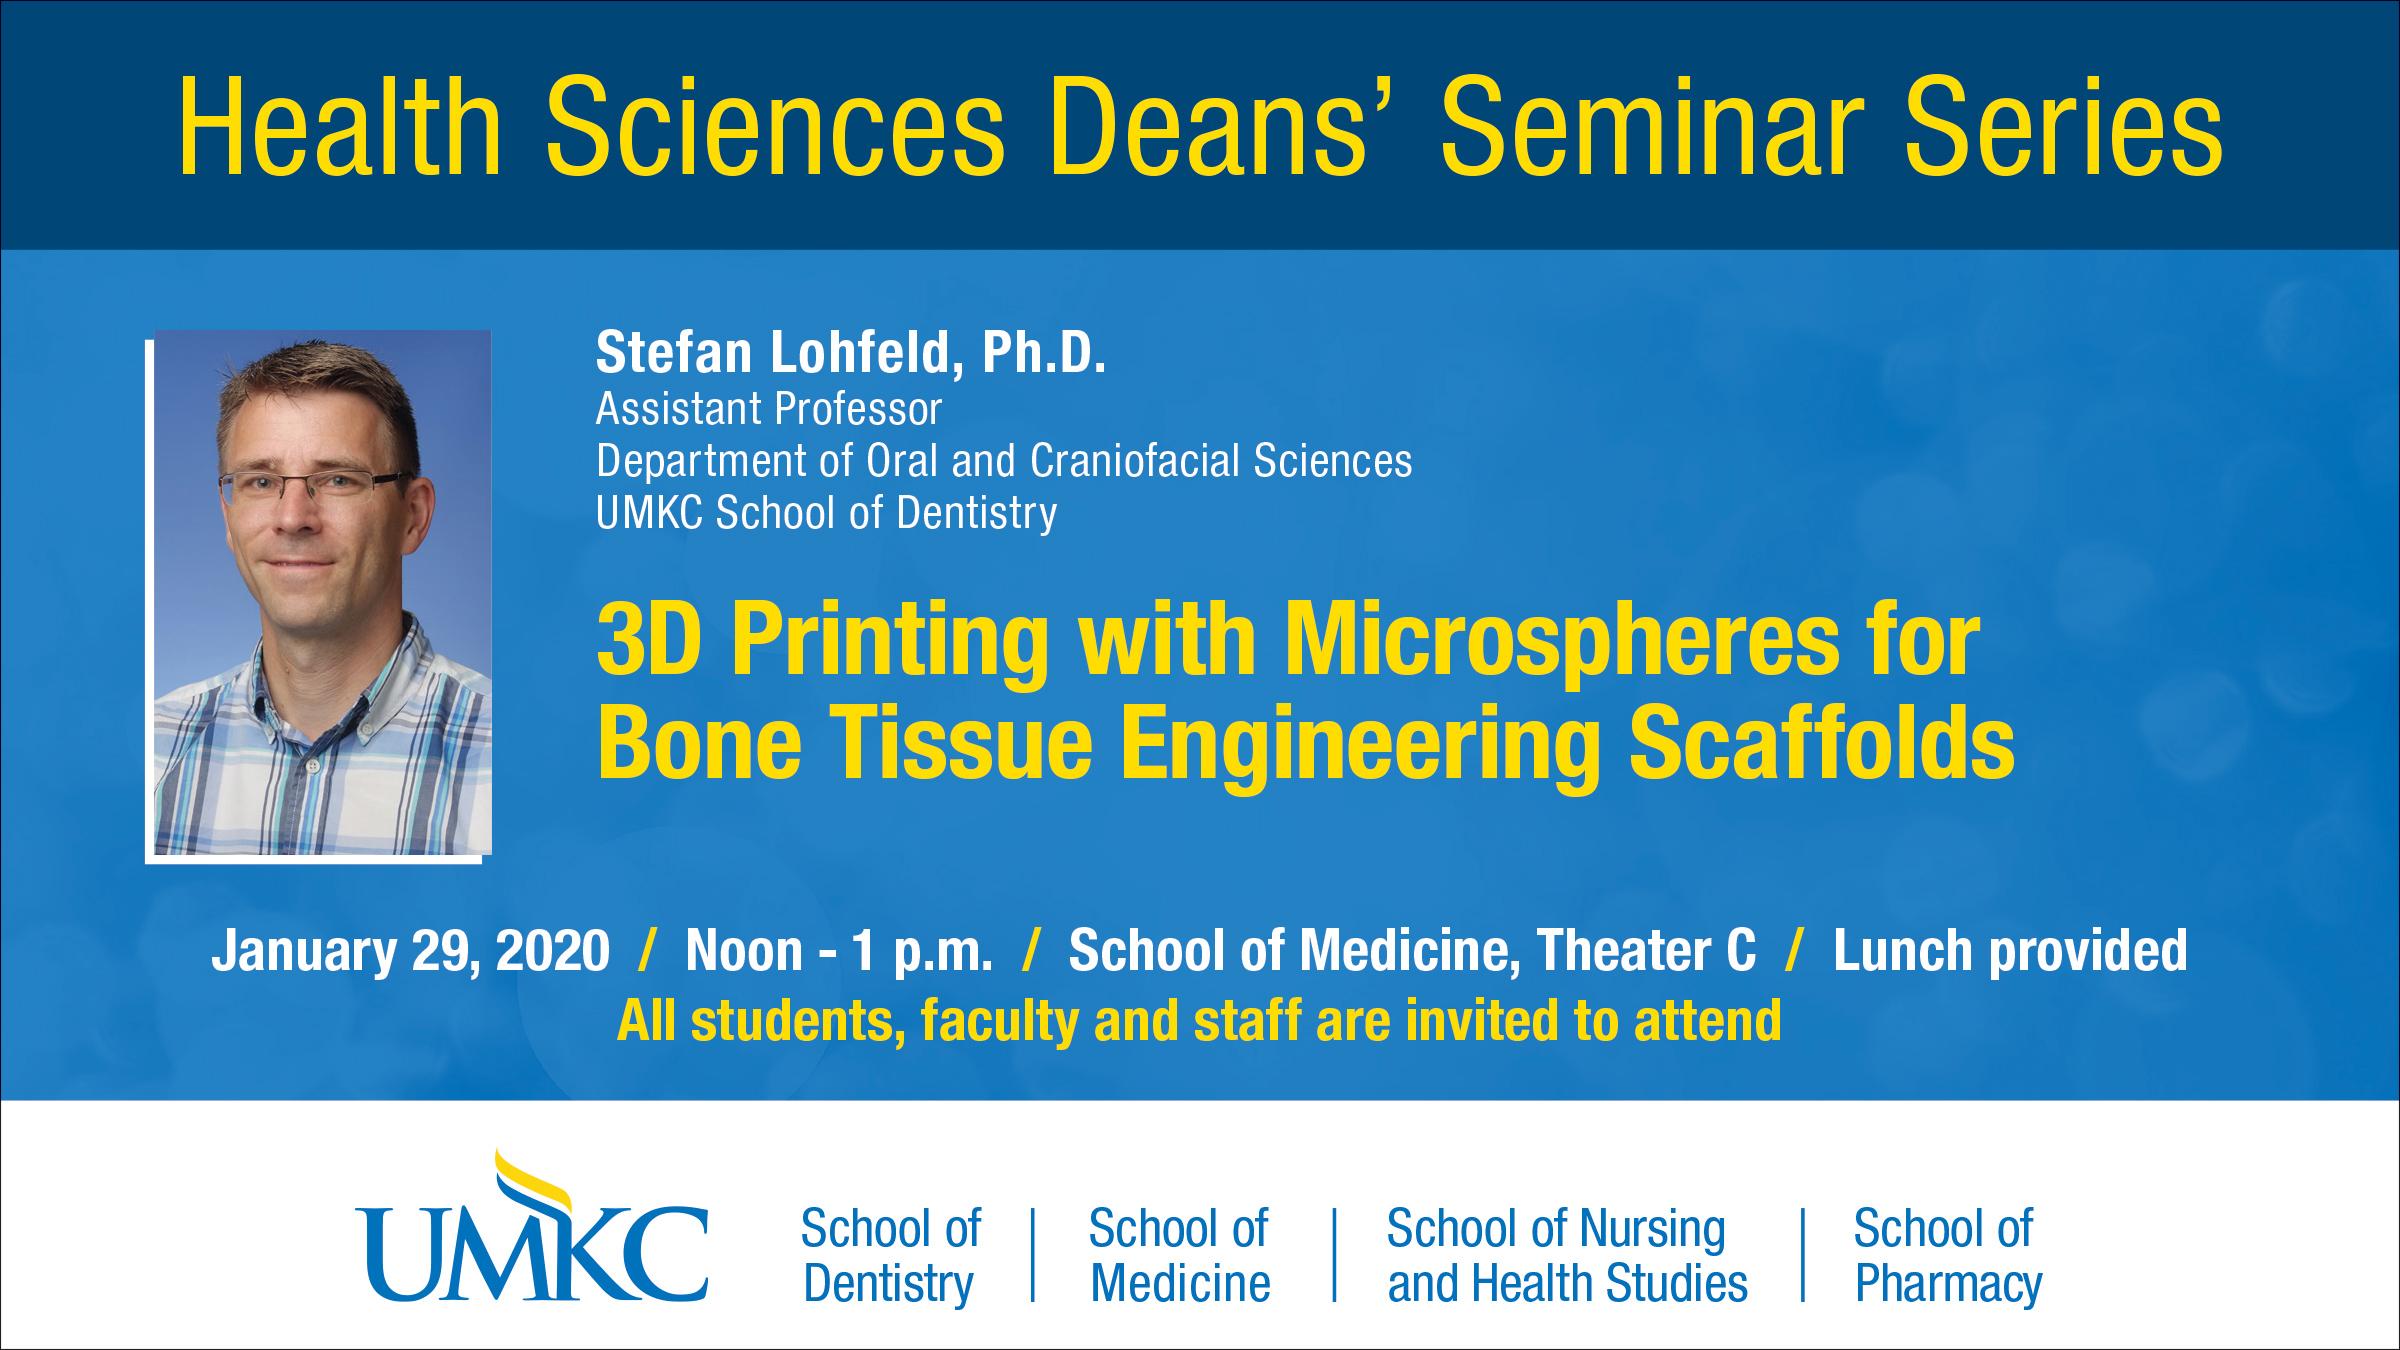 seminar series cover image